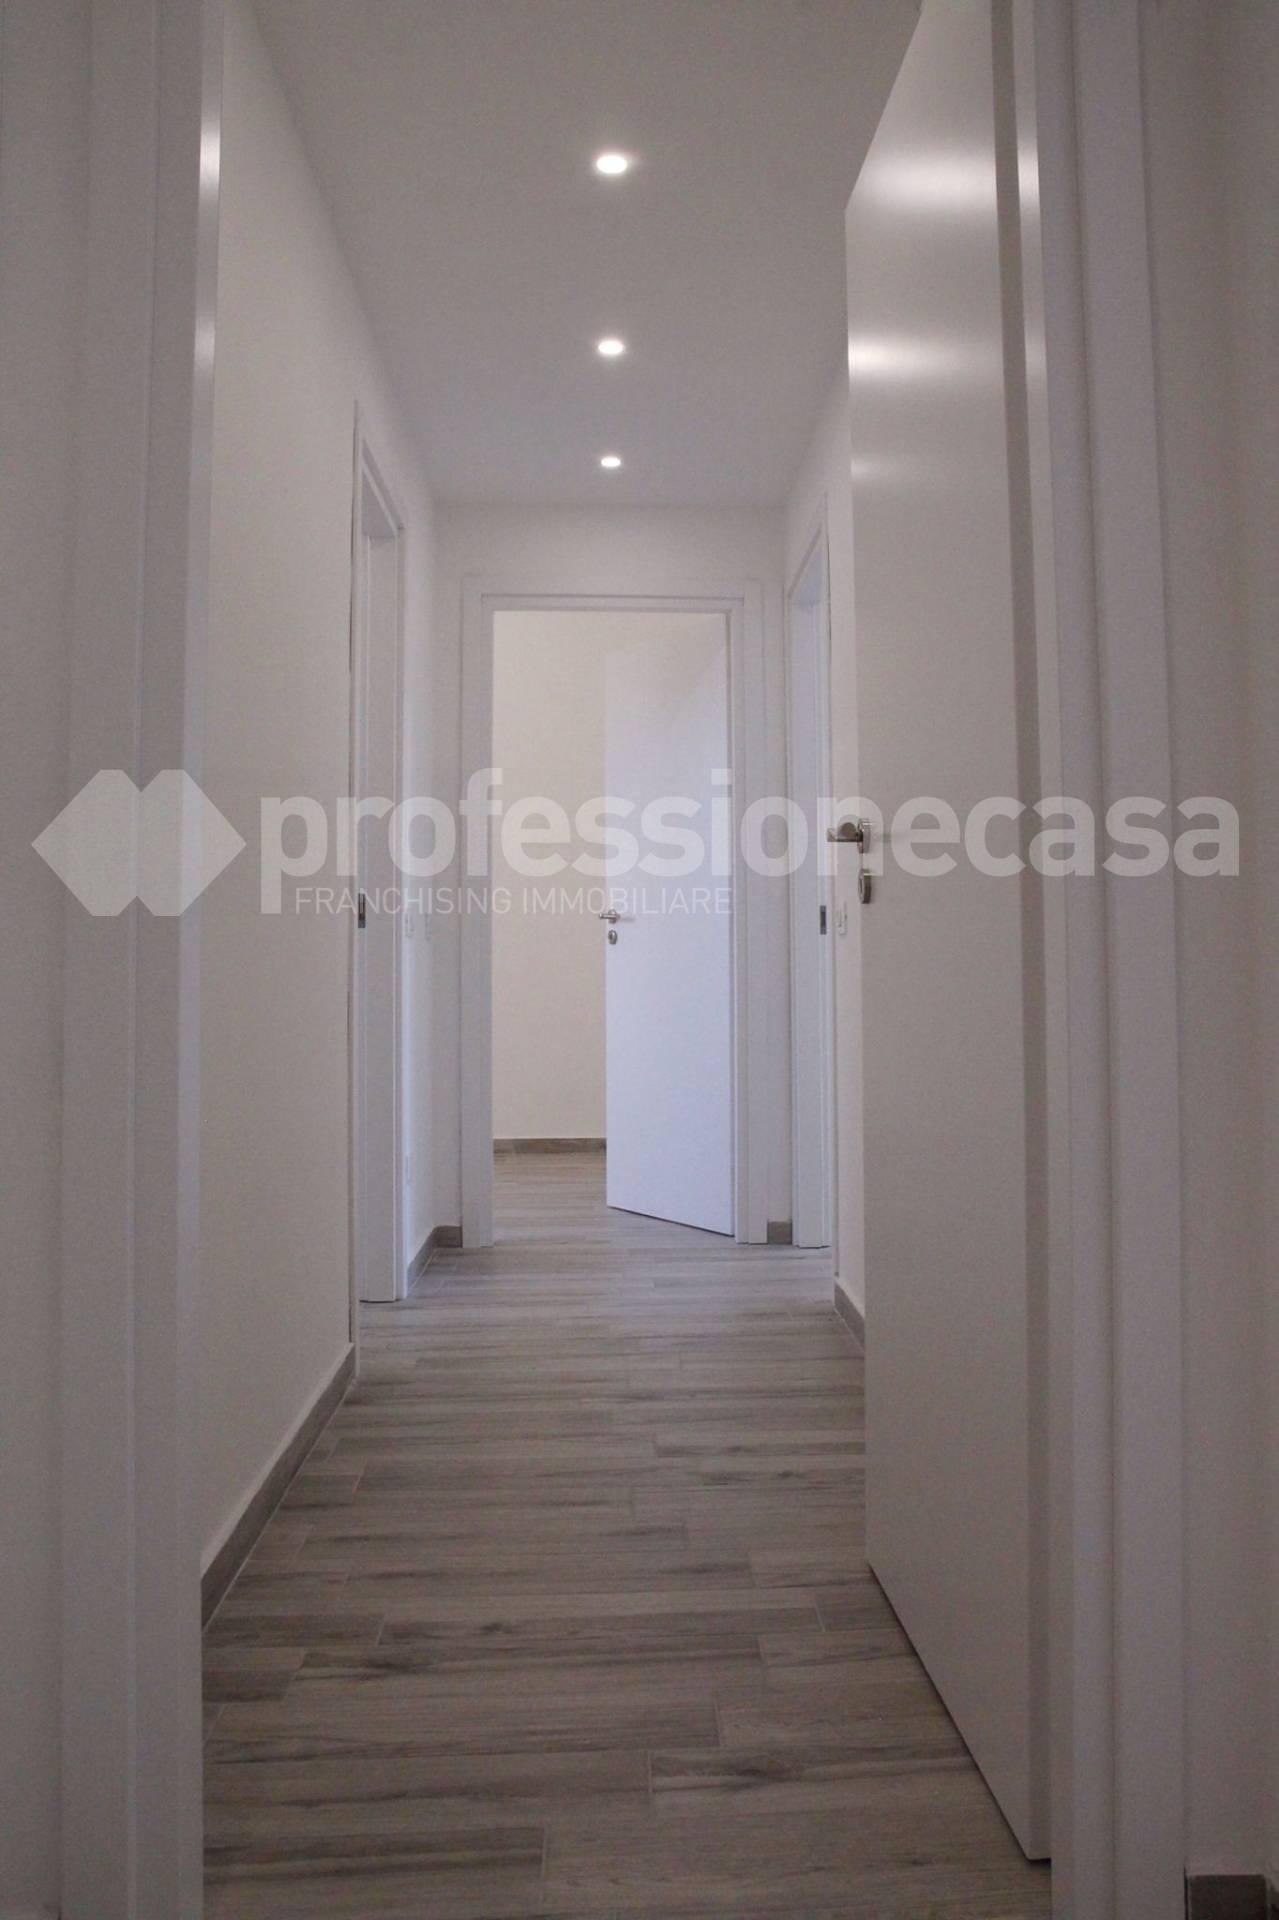 Acquisto Immobile Cittadino Extracomunitario Permesso Di Soggiorno  Images